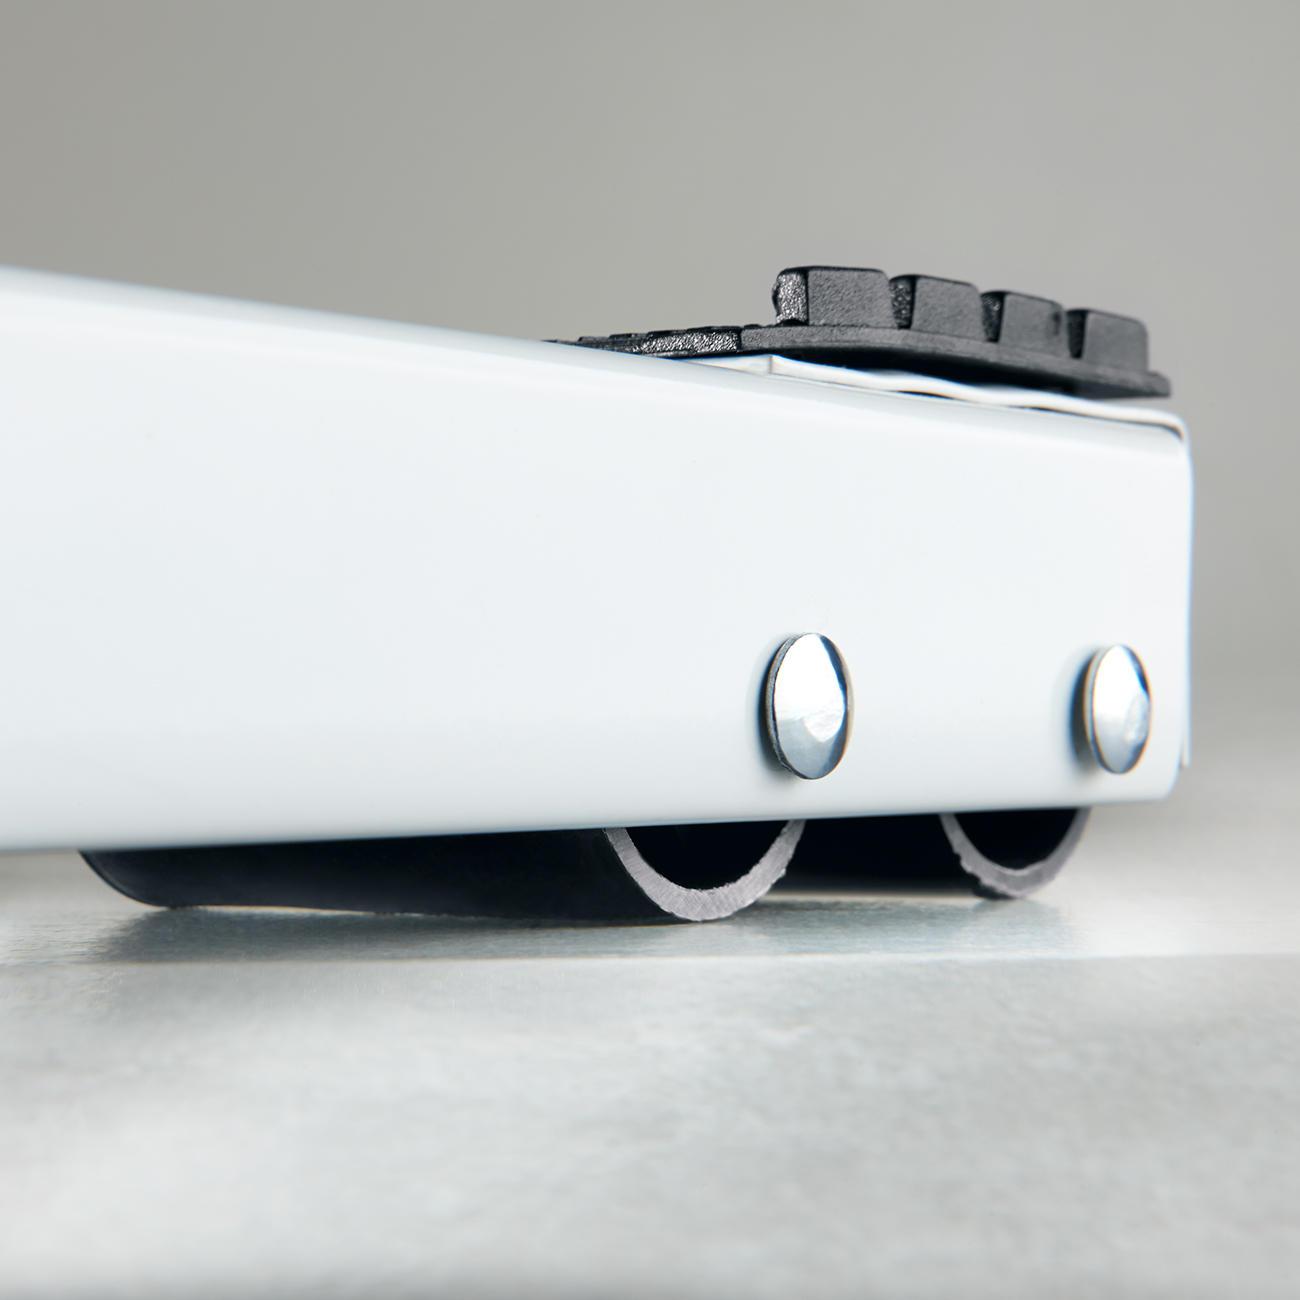 gro ger te roller transportroller bis 300 kg belastbar. Black Bedroom Furniture Sets. Home Design Ideas